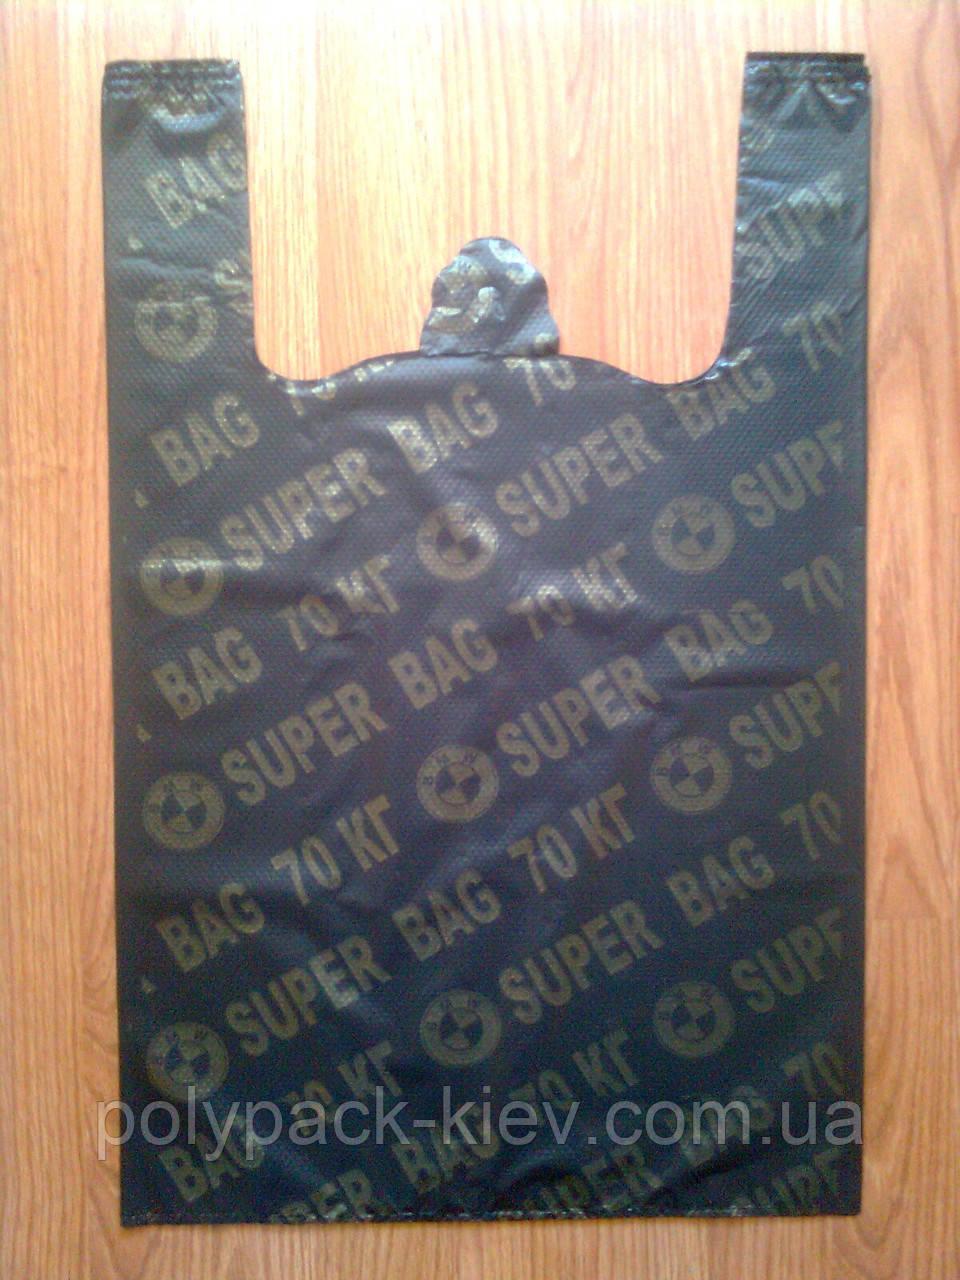 Пакети-майка 38*60 см/ 35 мкм SUPER BAG аналог BMW від виробника, щільний пакет оптом